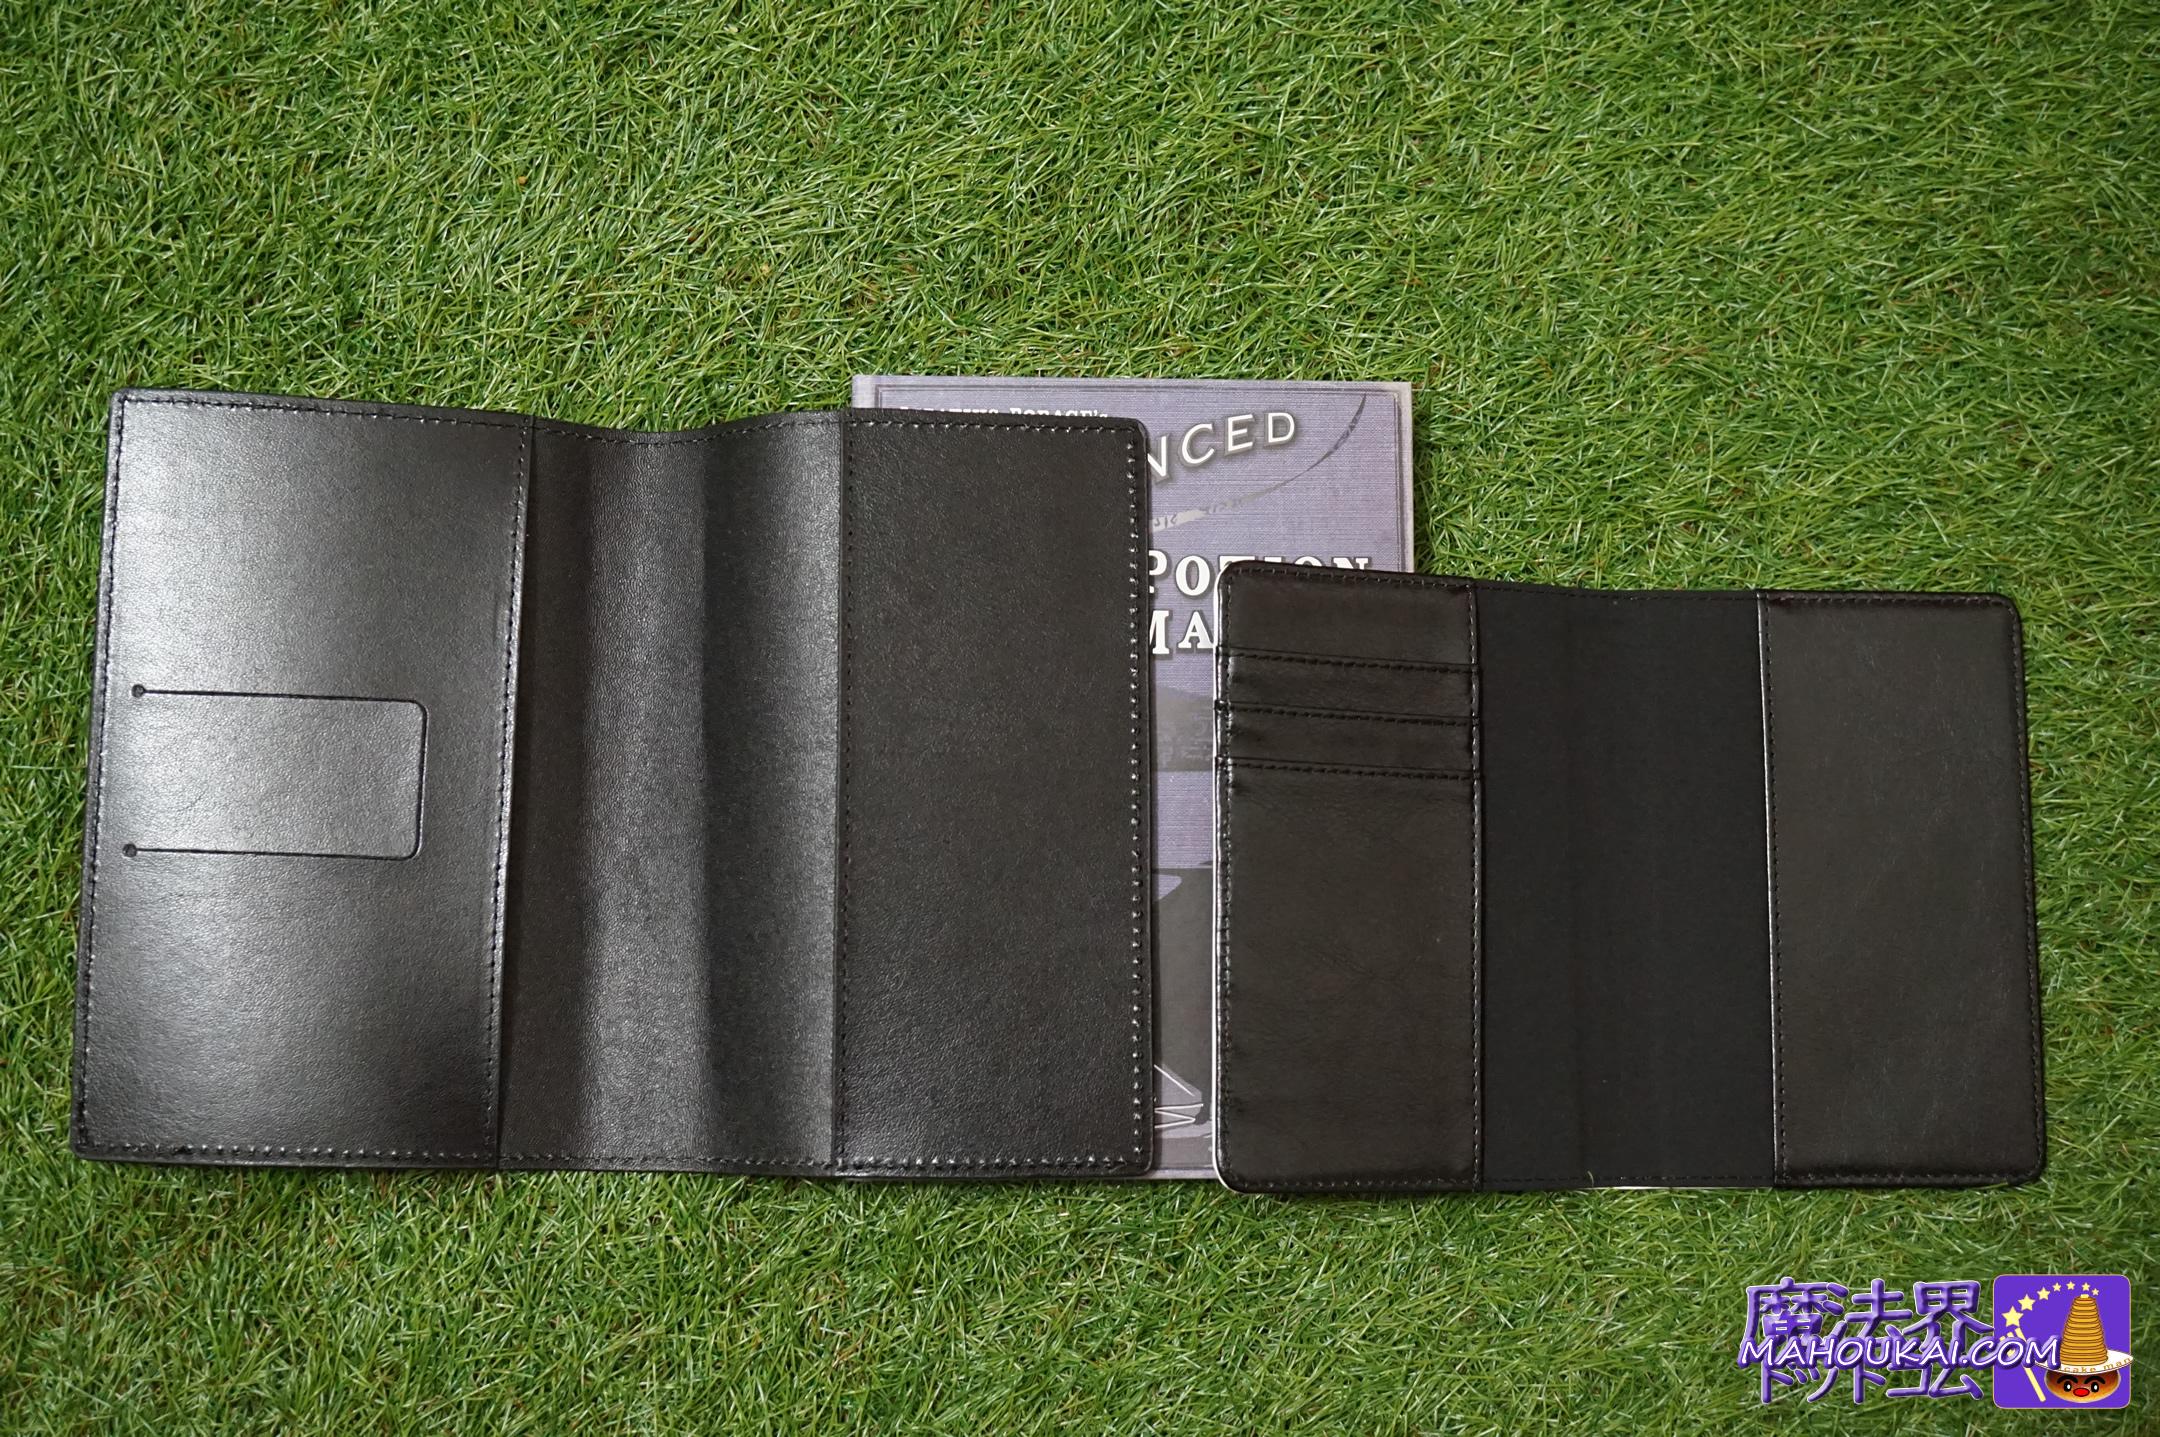 魔法薬学のパスポートケース(ウィザコレ)ハリーポッターグッズ